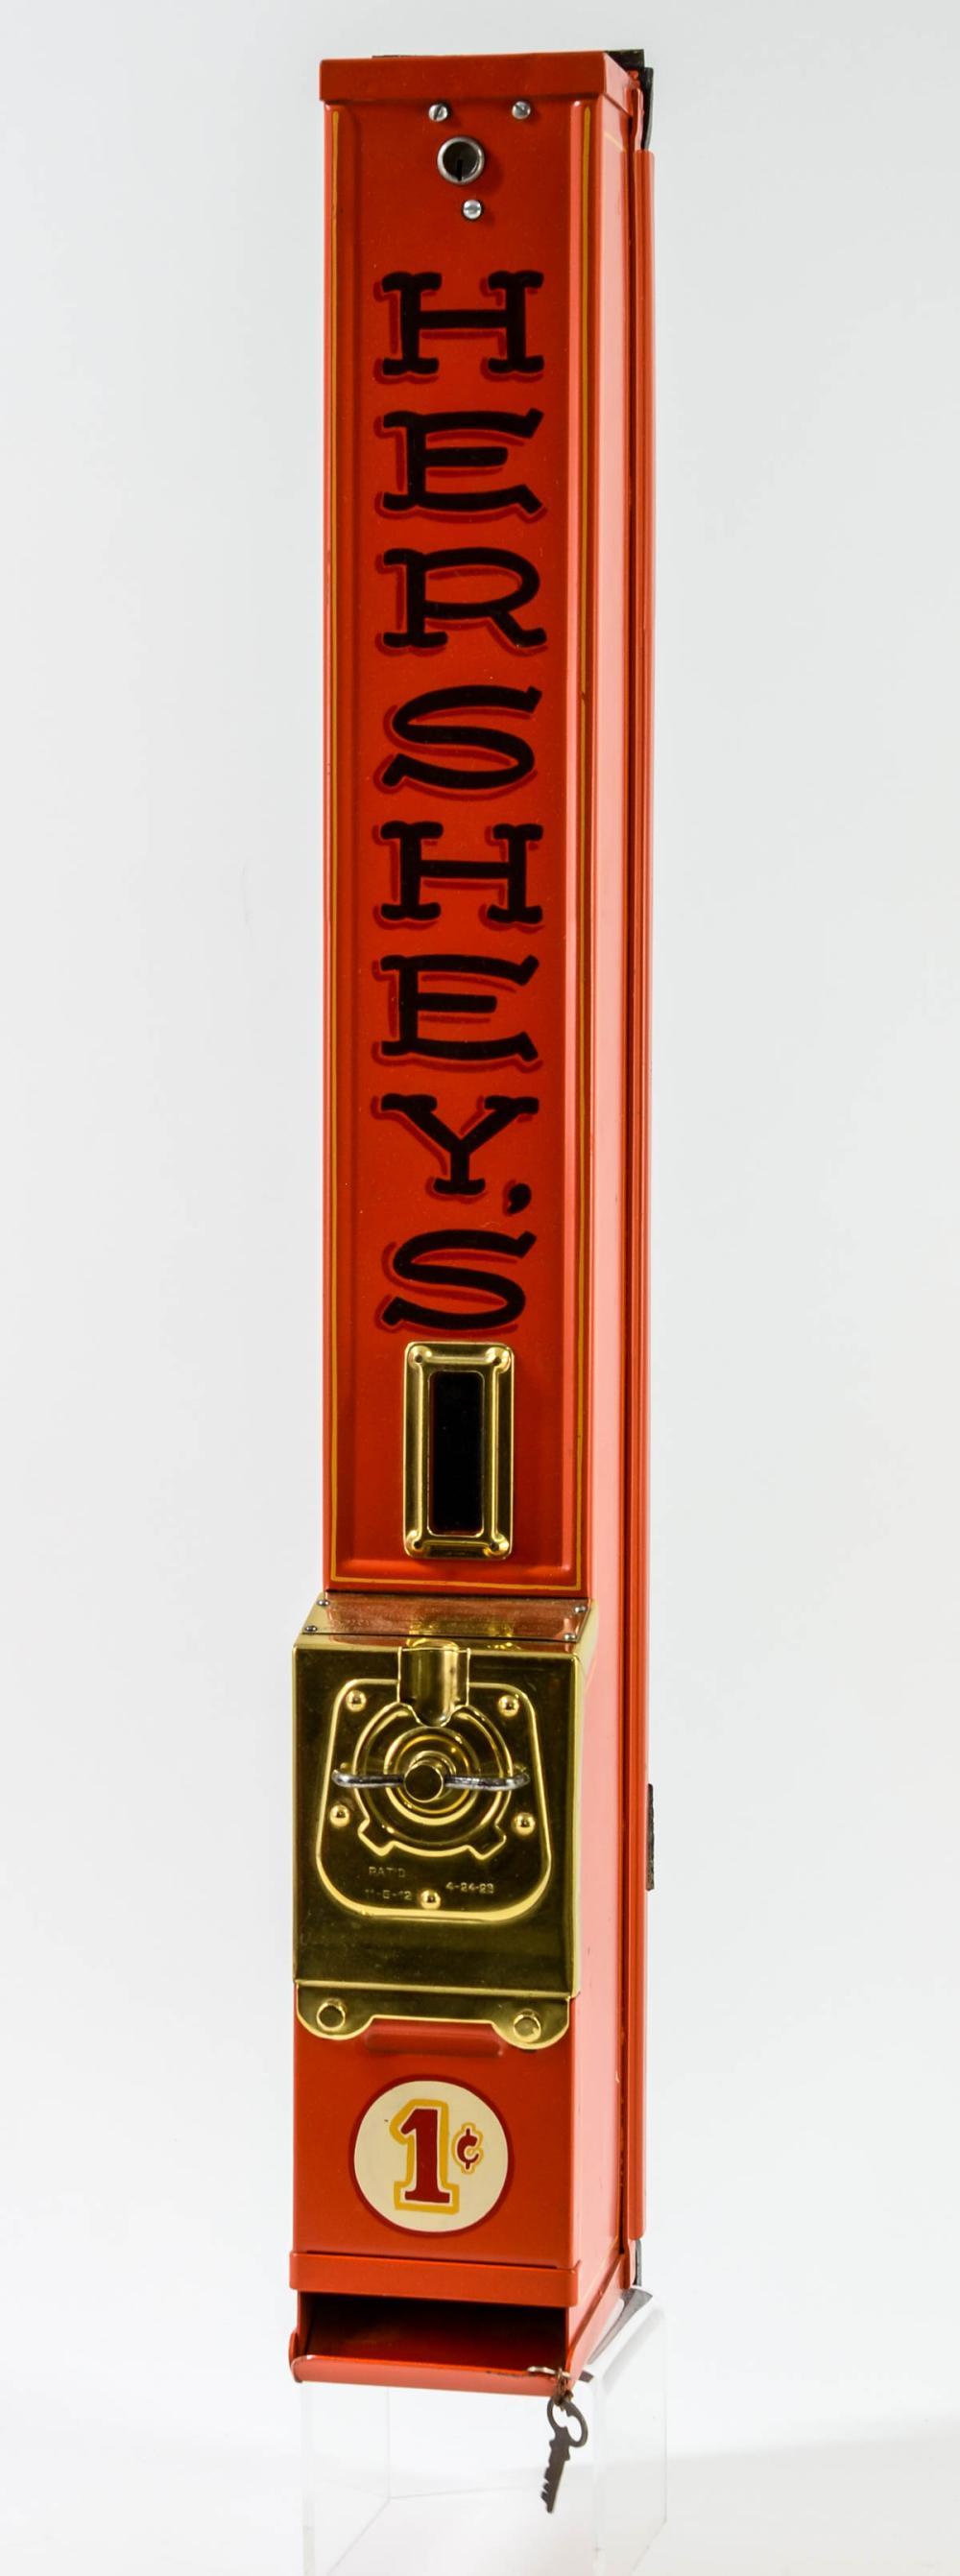 Hershey's 1 Cent Chocolate Bar Vending Machine